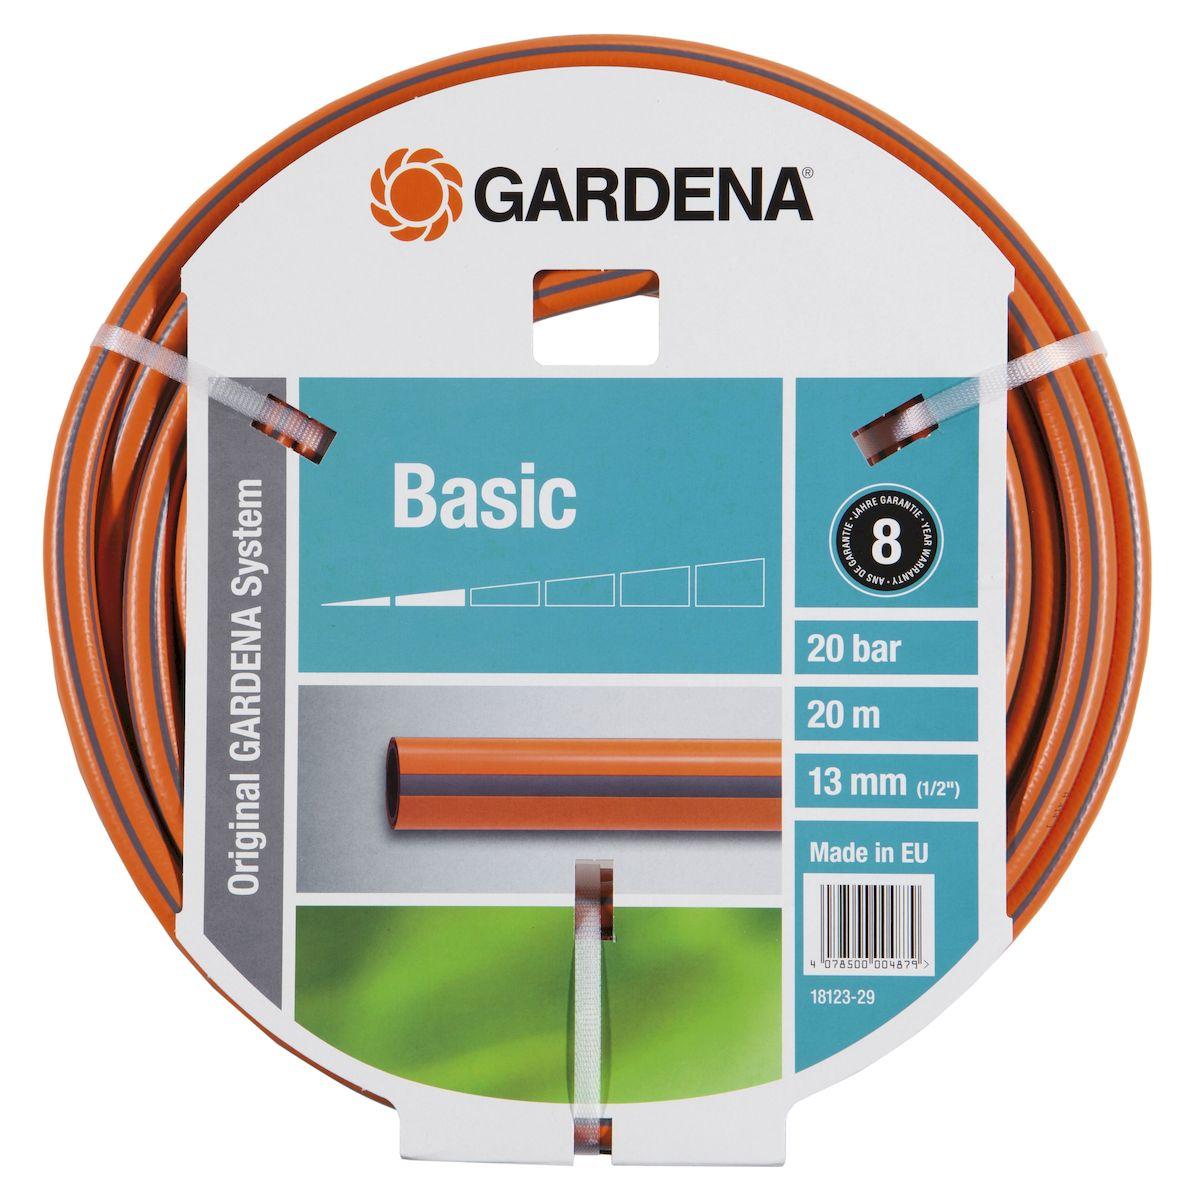 Шланг Gardena Basic, армированный, диаметр 13 мм, длина 20 м шланг сочащийся gardena 01362 20